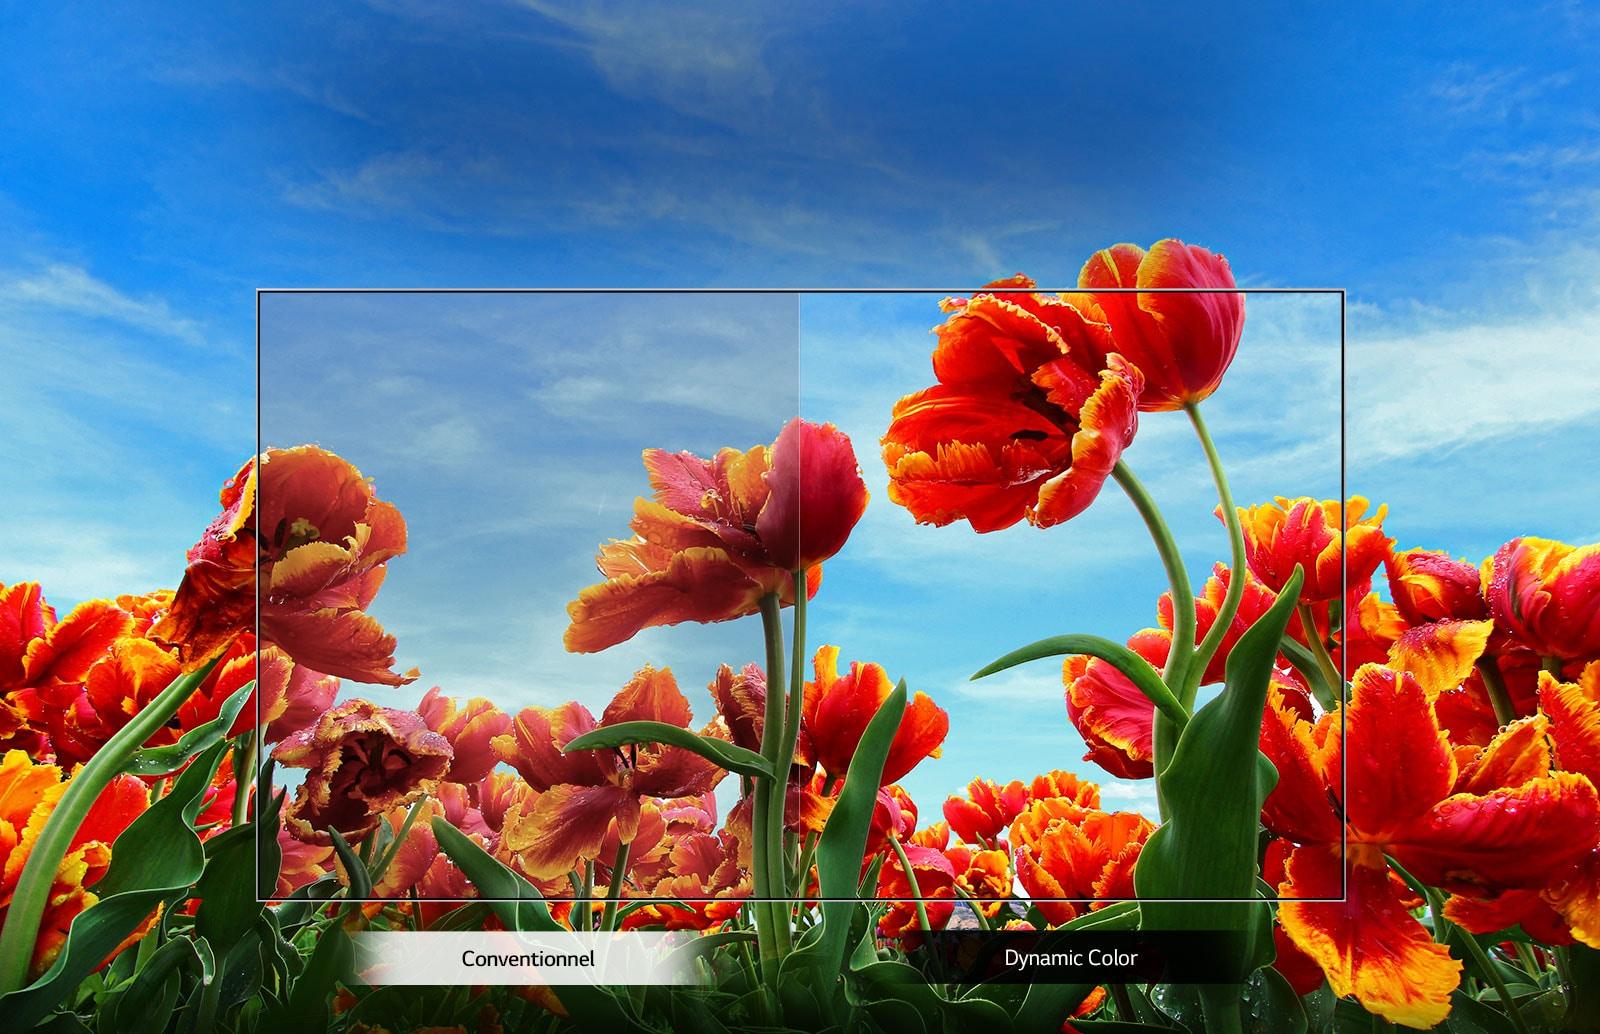 Comparaison de couleurs entre un téléviseur conventionnel et utilisant le processeur